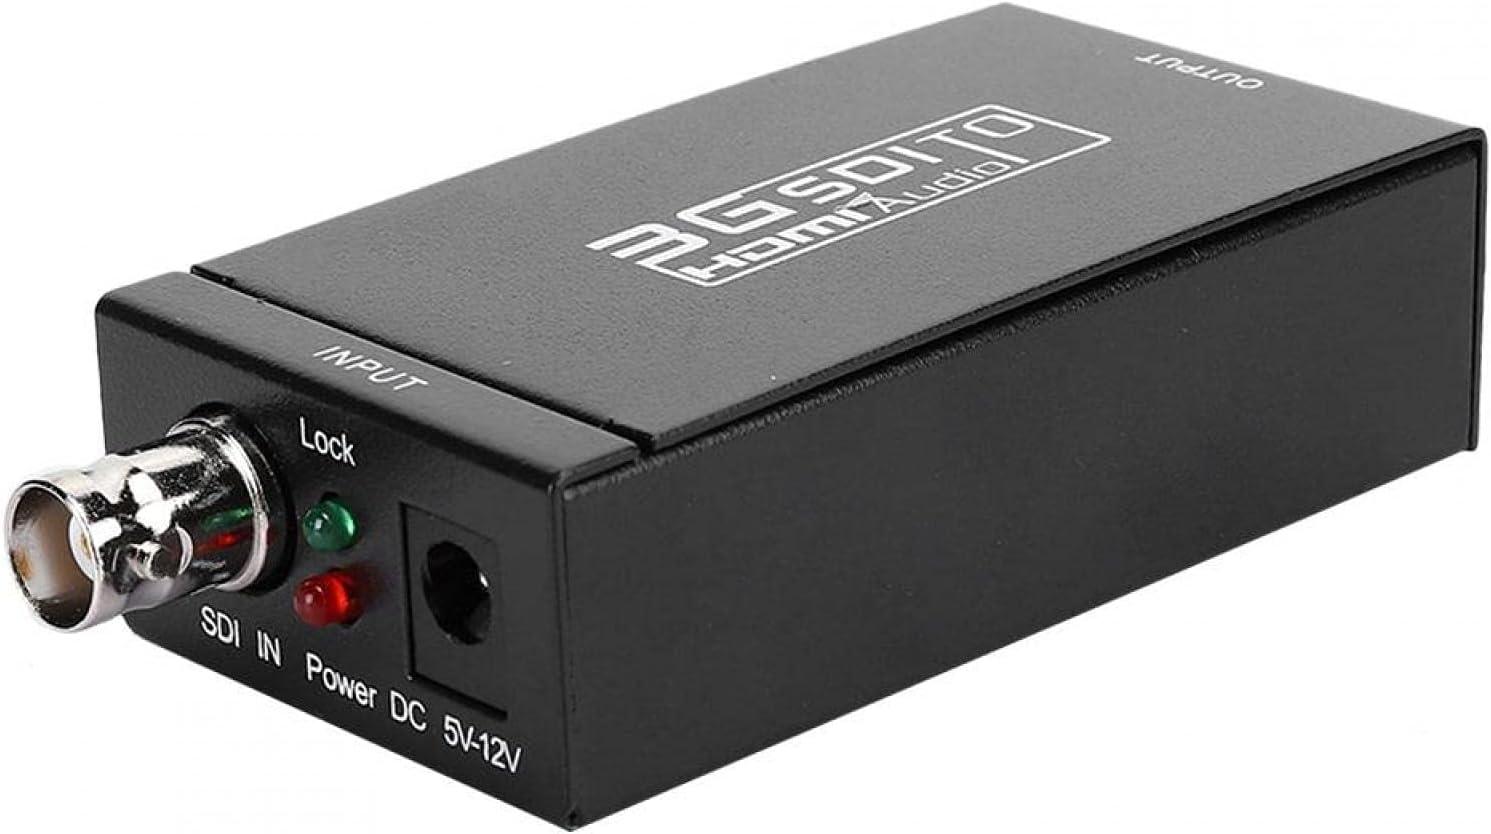 Cheap sale Garsentx HDMI Converter SDI Max 56% OFF to HD S TV Camera